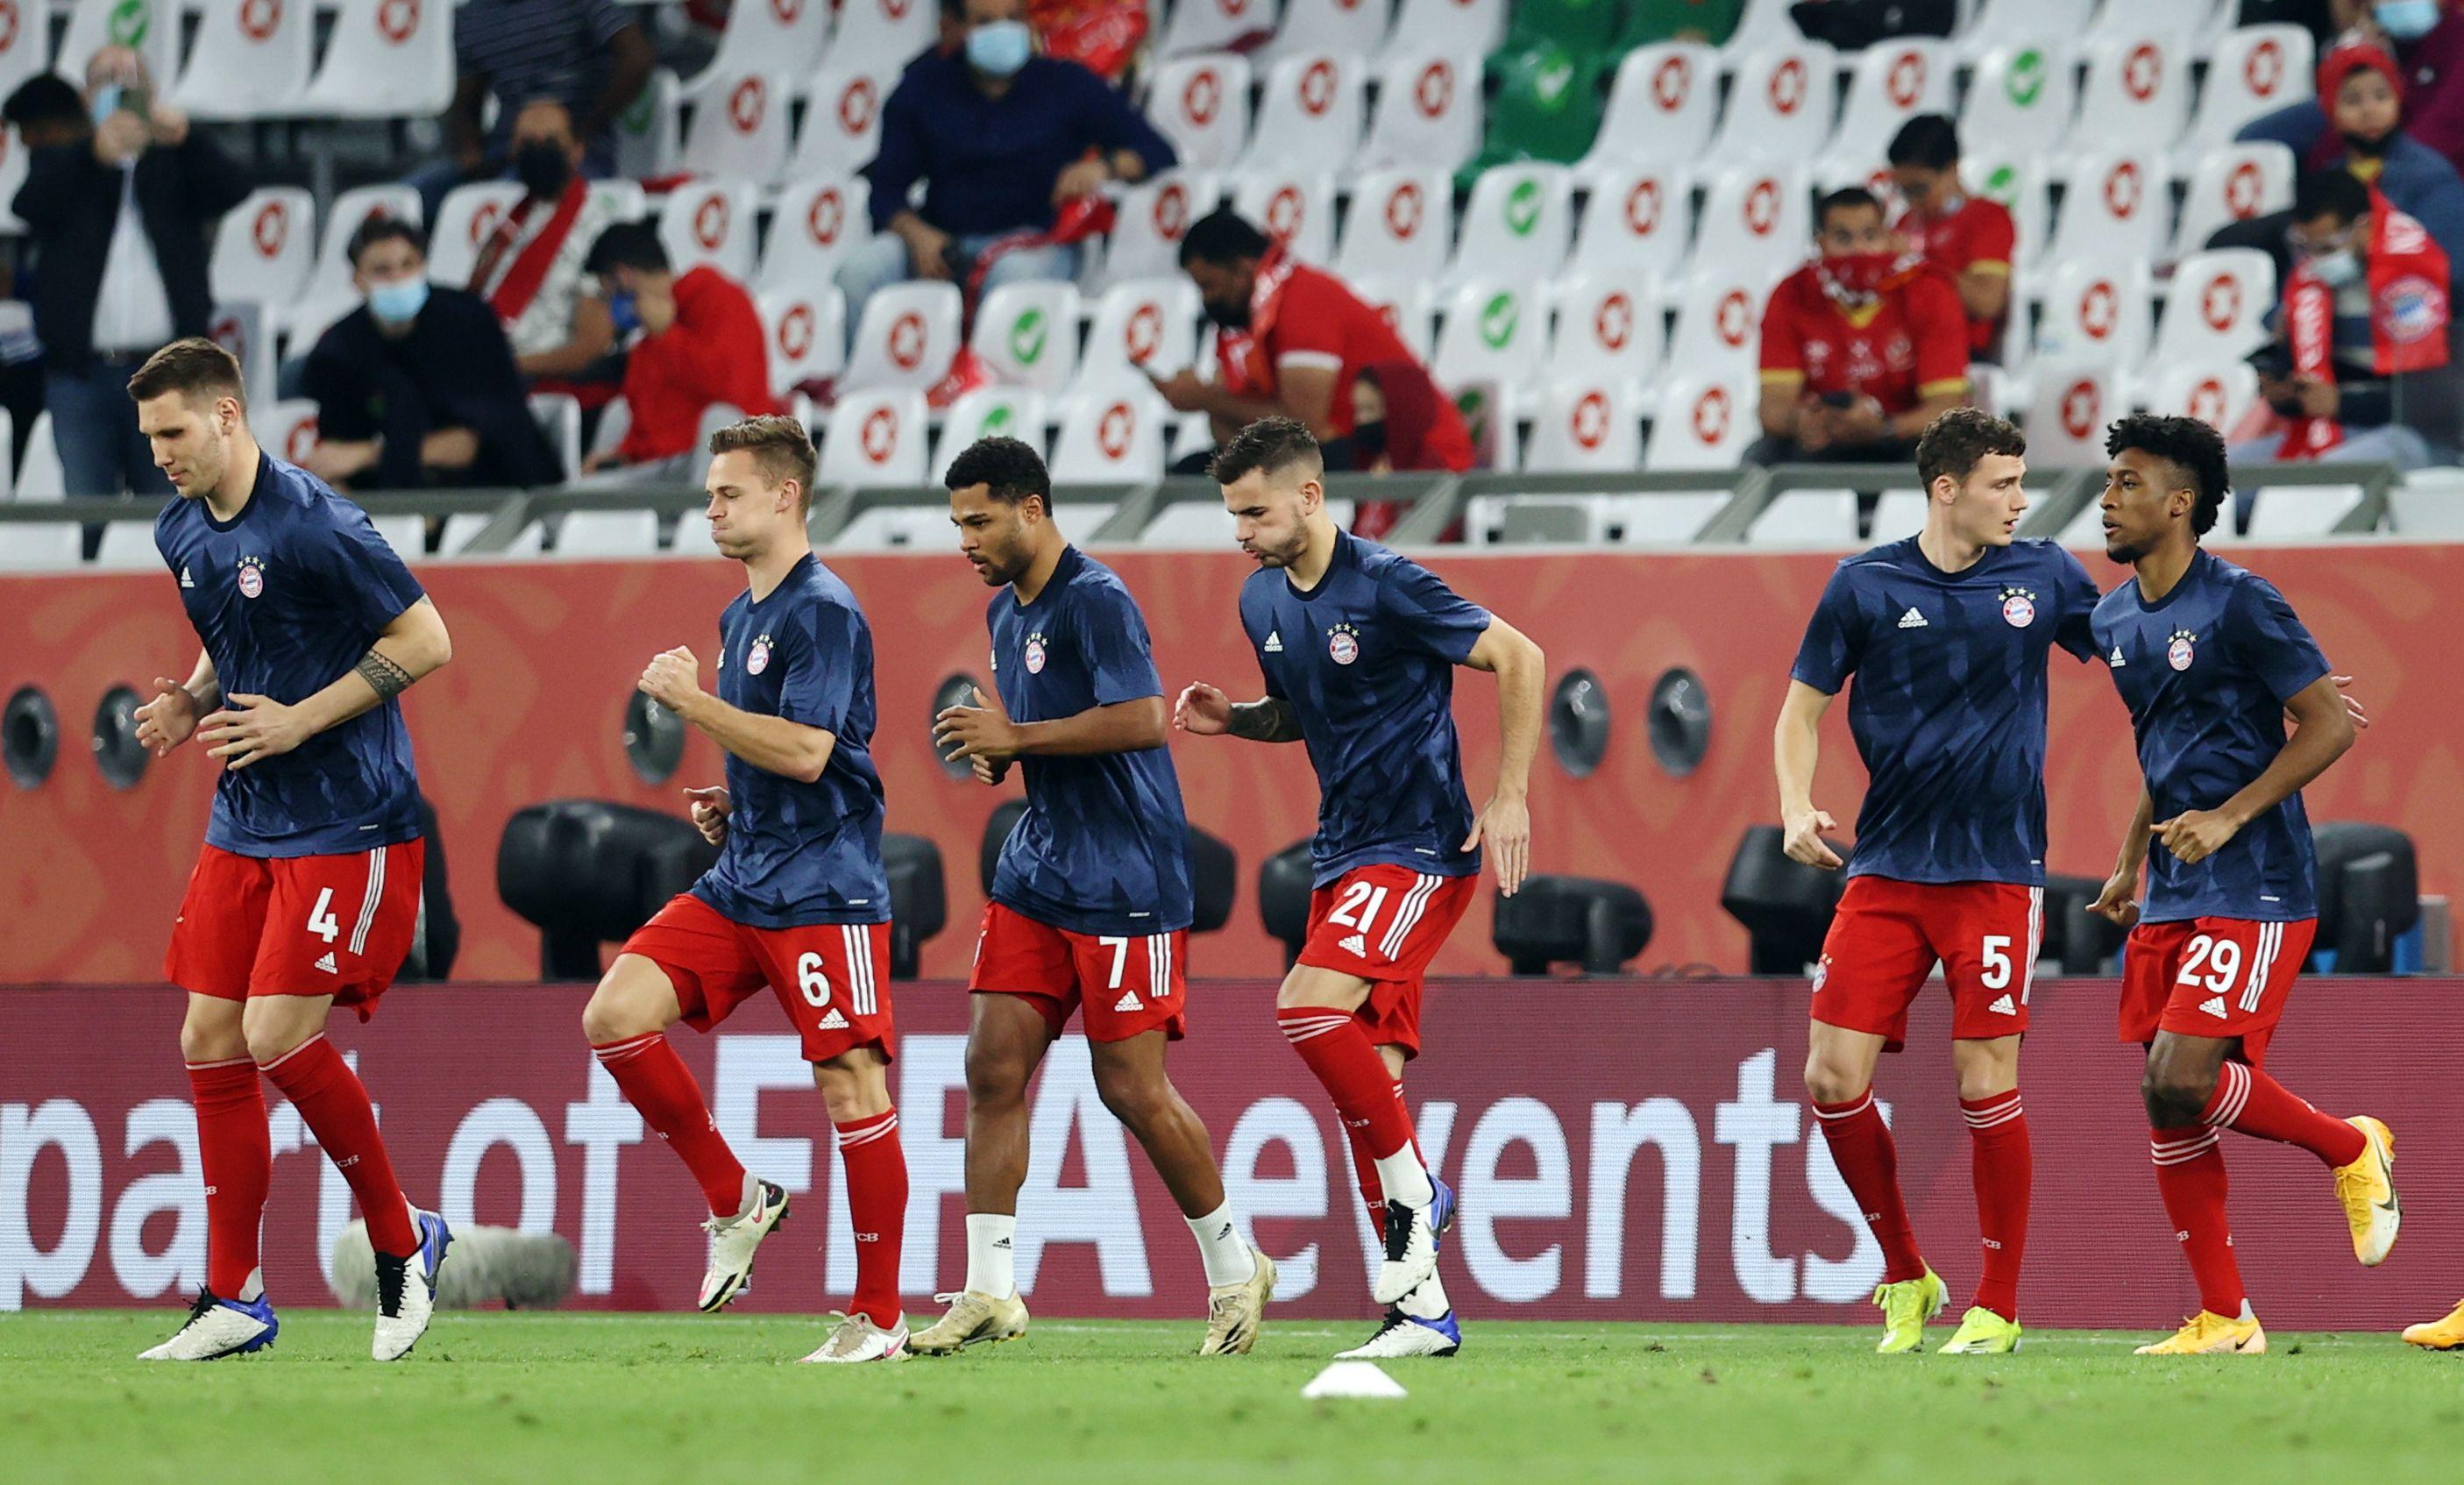 Jugadores del Bayern Múnich calientan antes del juego. Estadio Ciudad de la Educación en Rayán, Catar